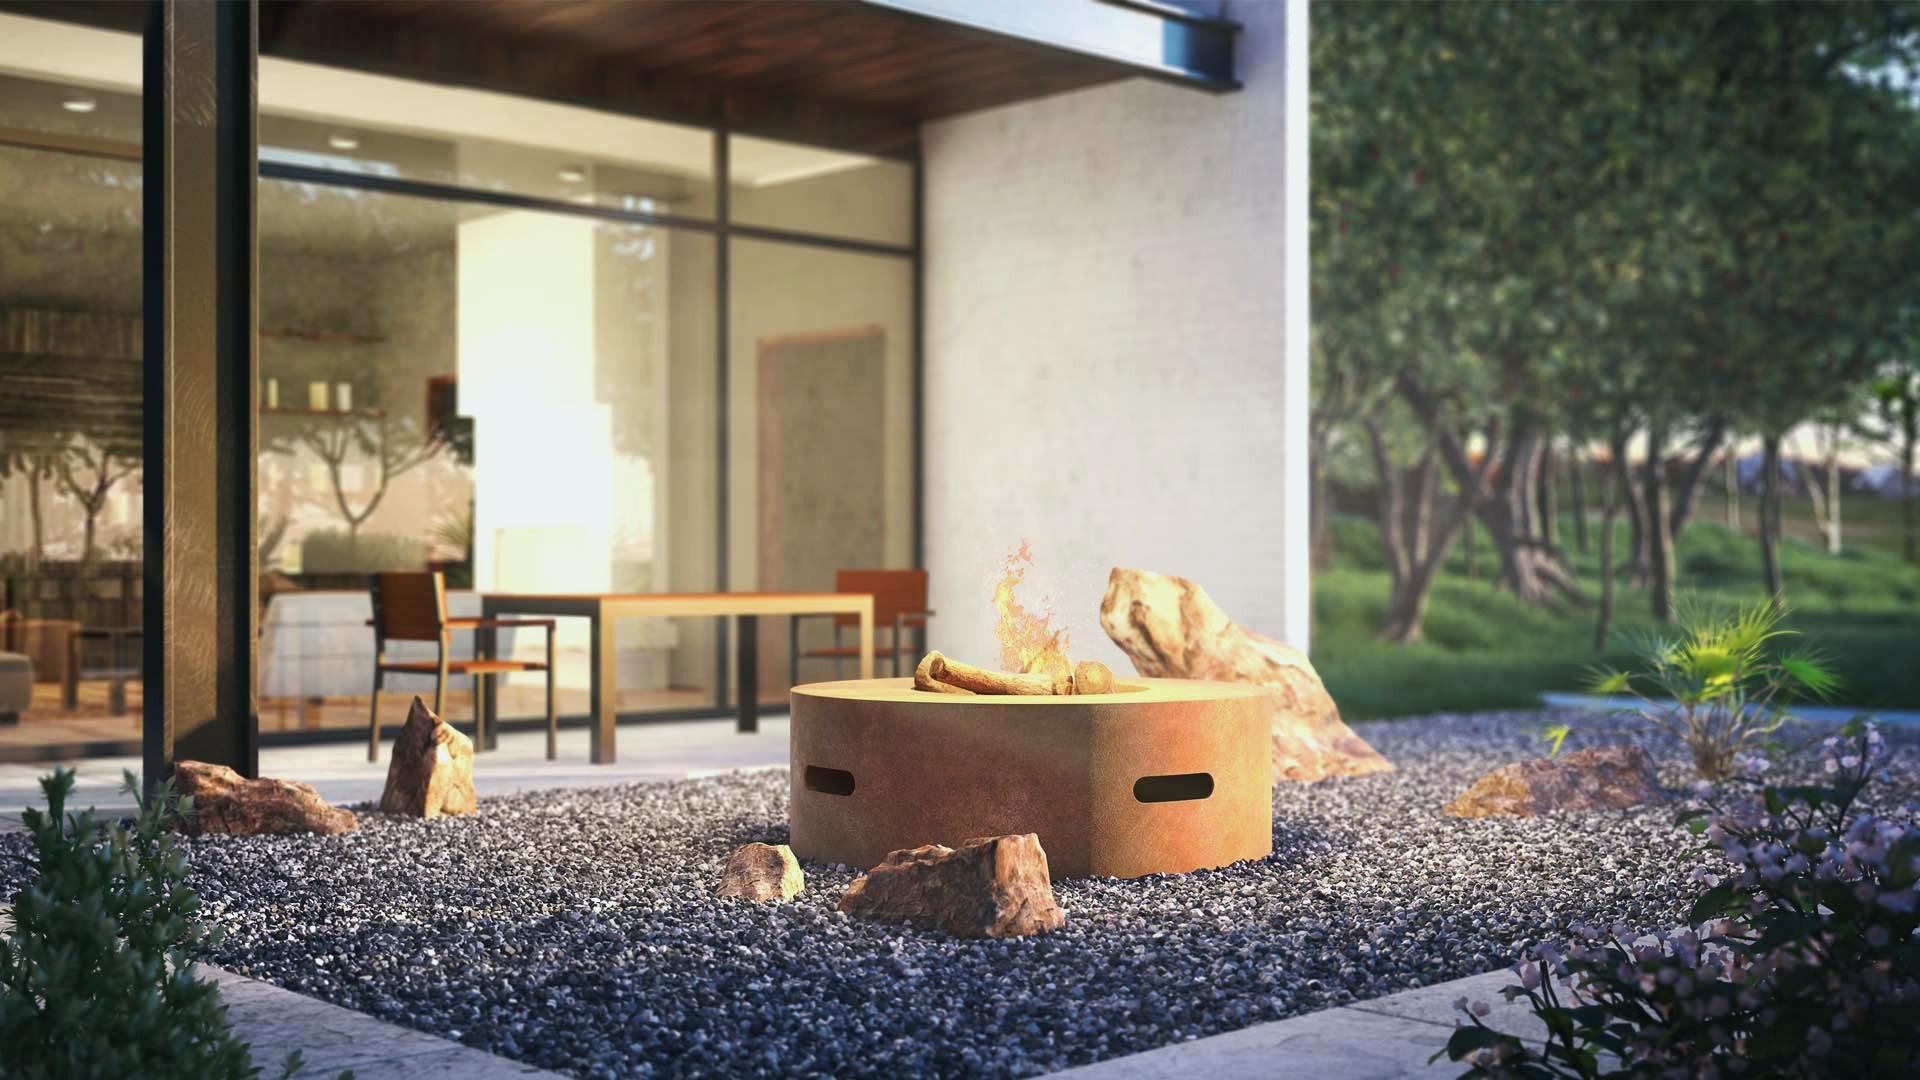 Idee Deco Interieur Cabane En Bois Nouveau Images Idee De Deco De Jardin Avec Avant toute Chose Idee De Decoration